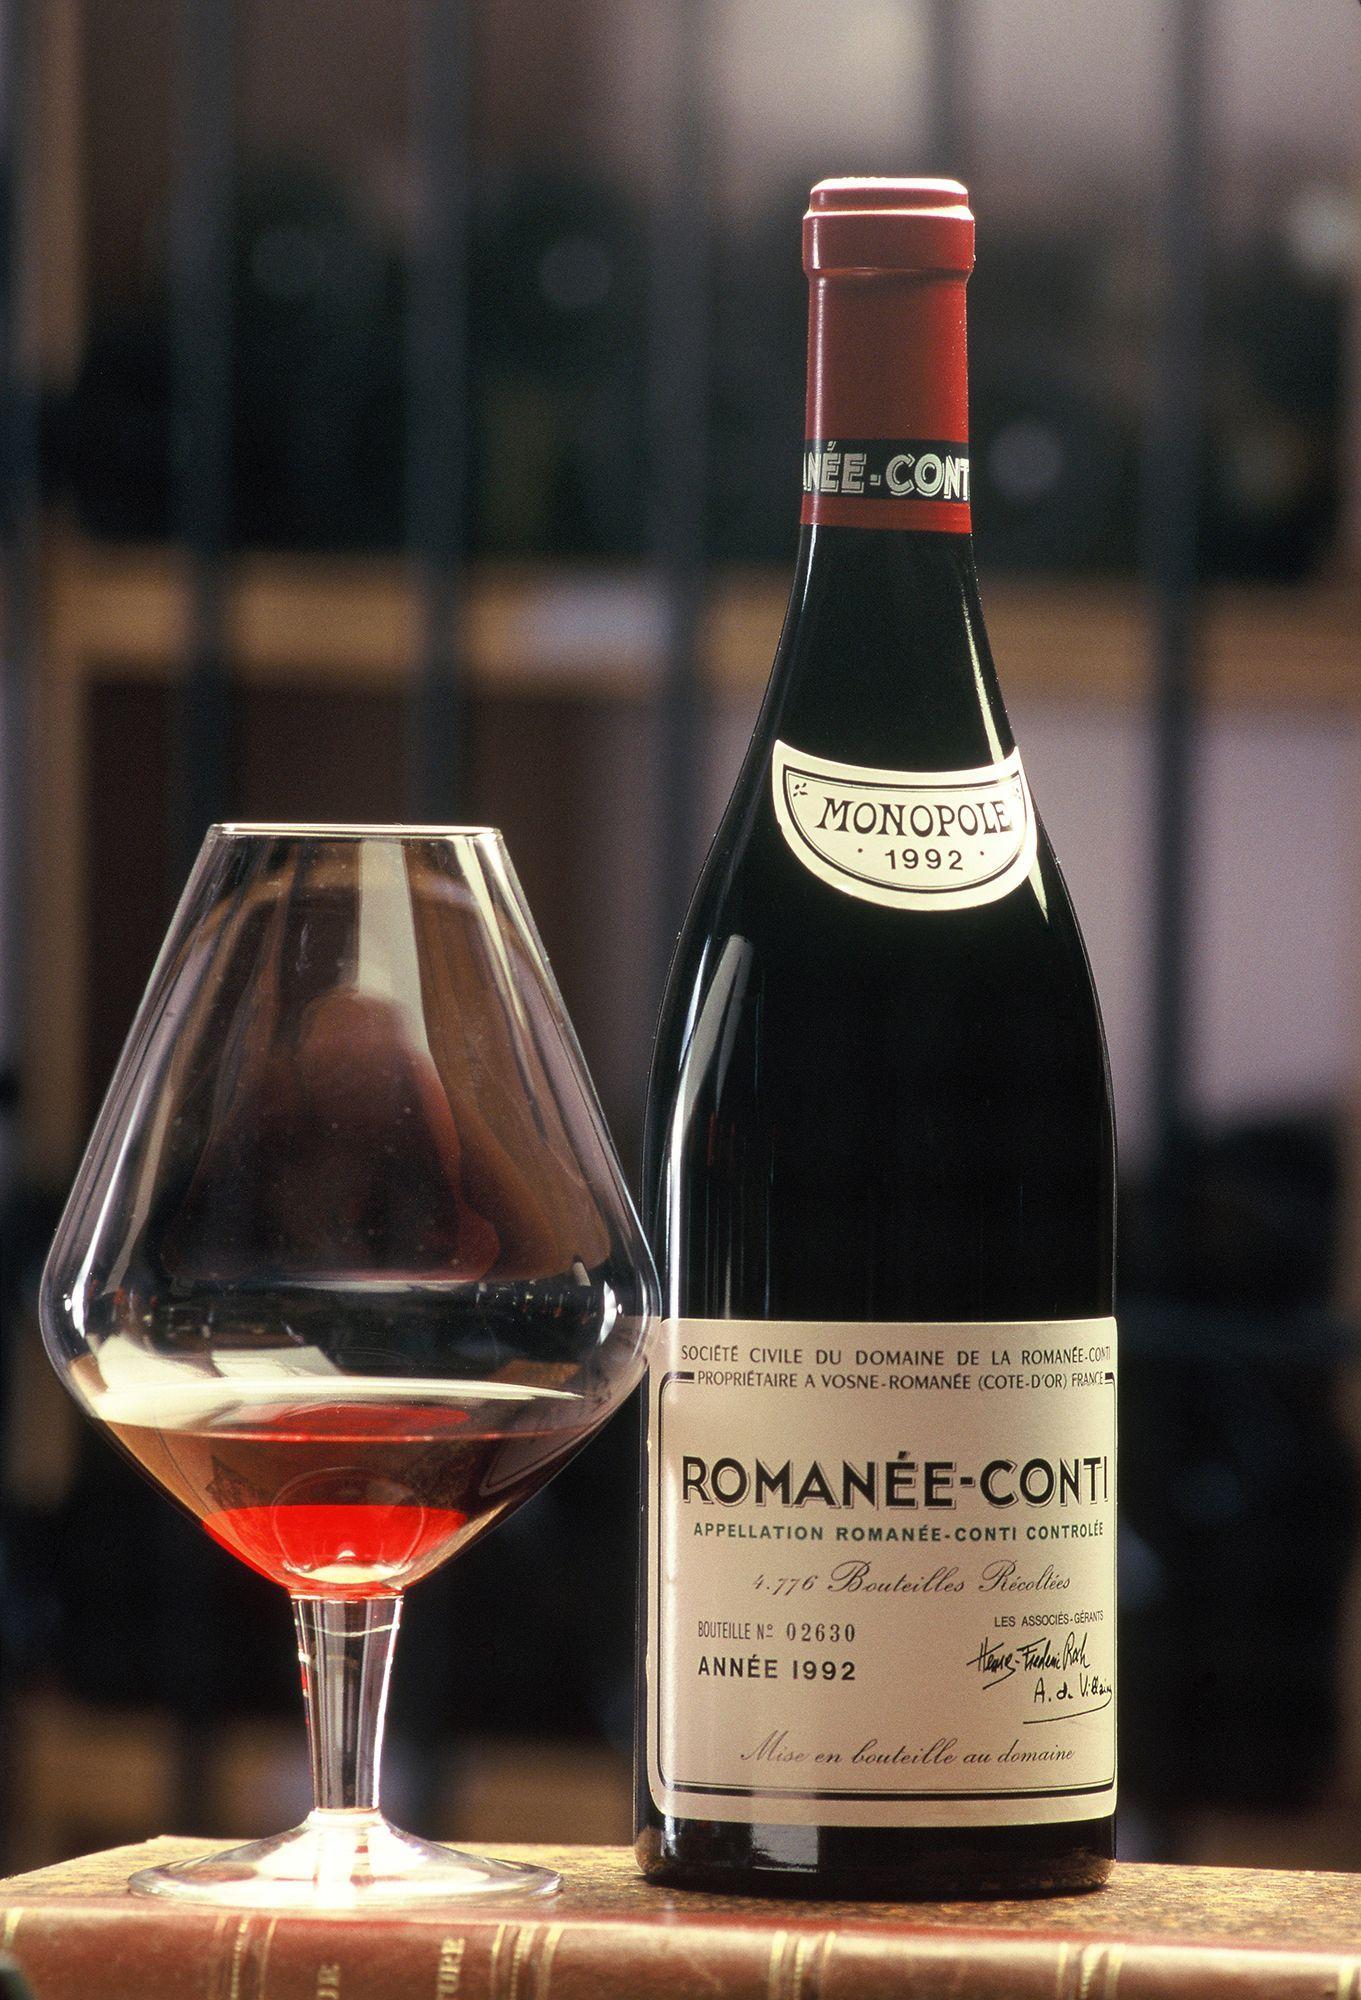 Bouteille de Romanée Conti  @ OT de Dijon - M. Joly - Découvrez les richesses et le charme délicieux et authentique des vignobles de Bourgogne.